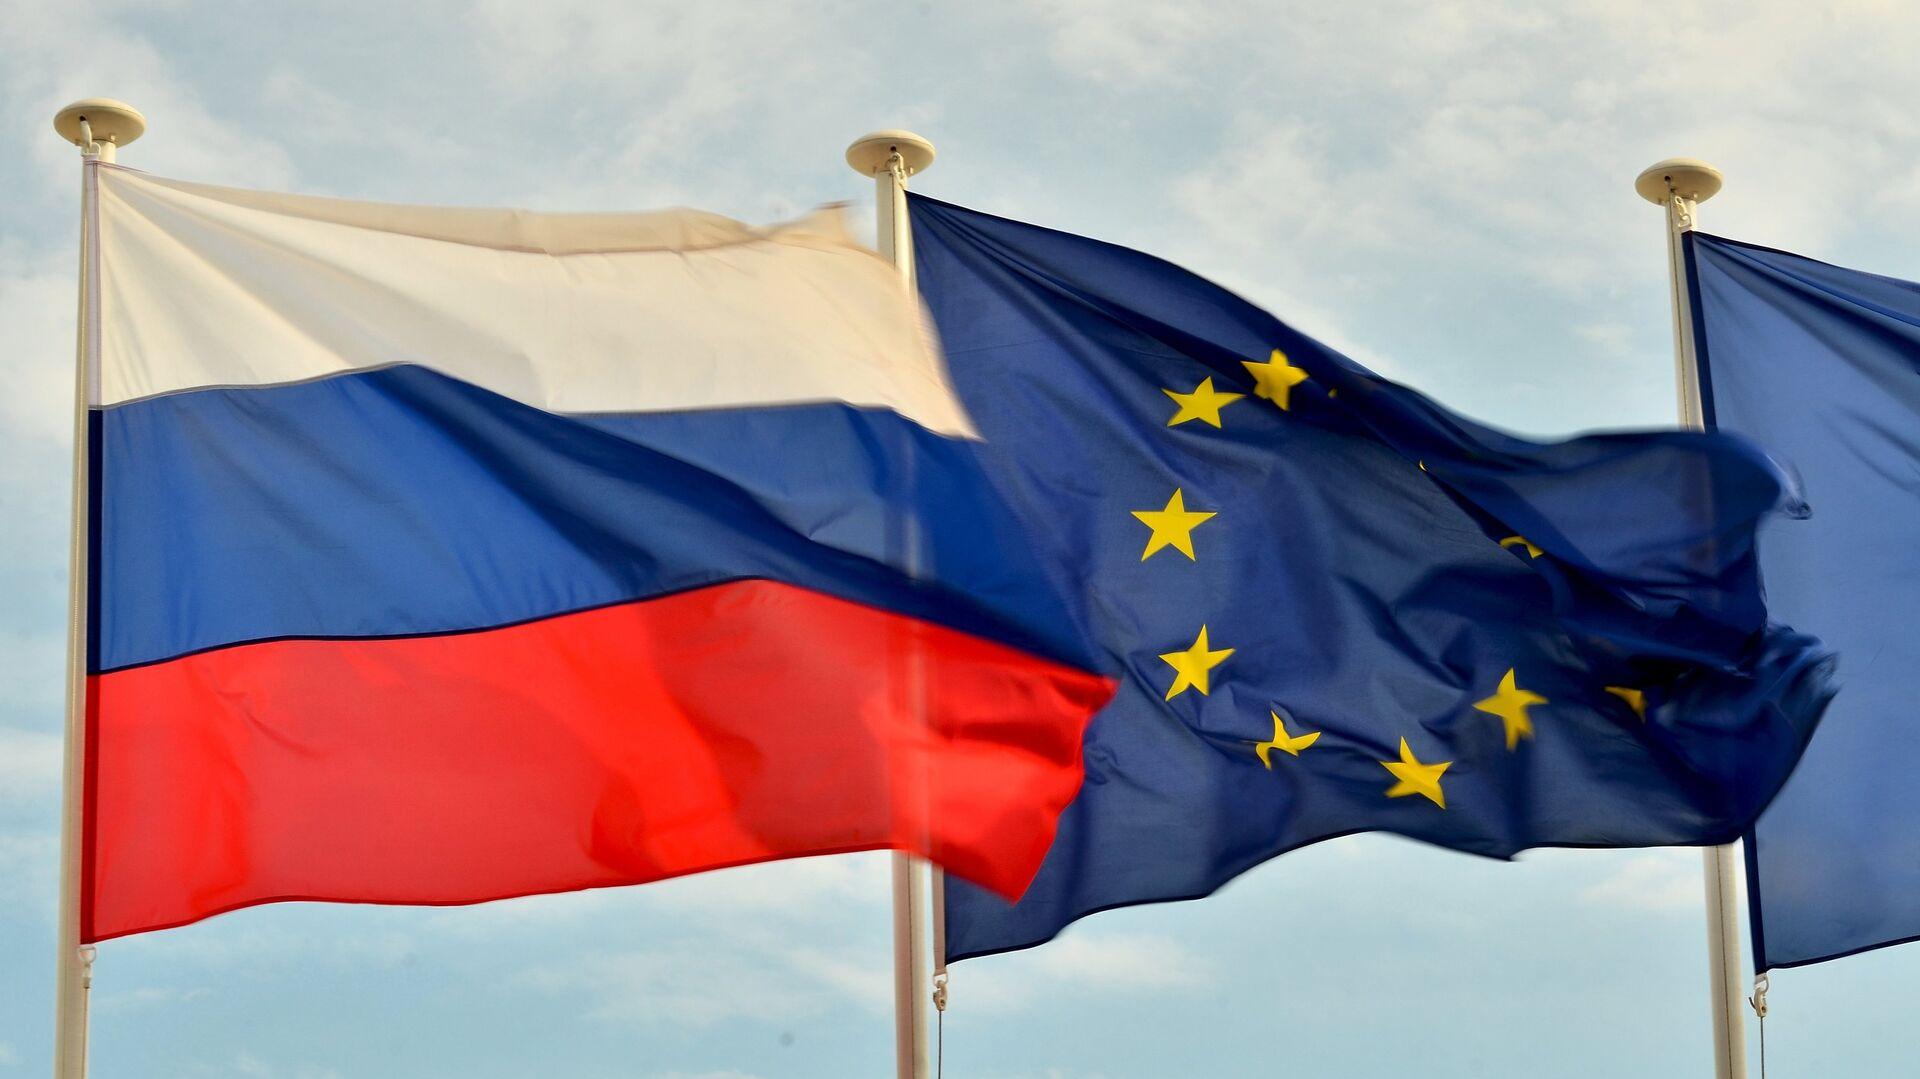 Флаги России, ЕС, Франции и герб Ниццы на набережной Ниццы - Sputnik Mundo, 1920, 20.04.2021